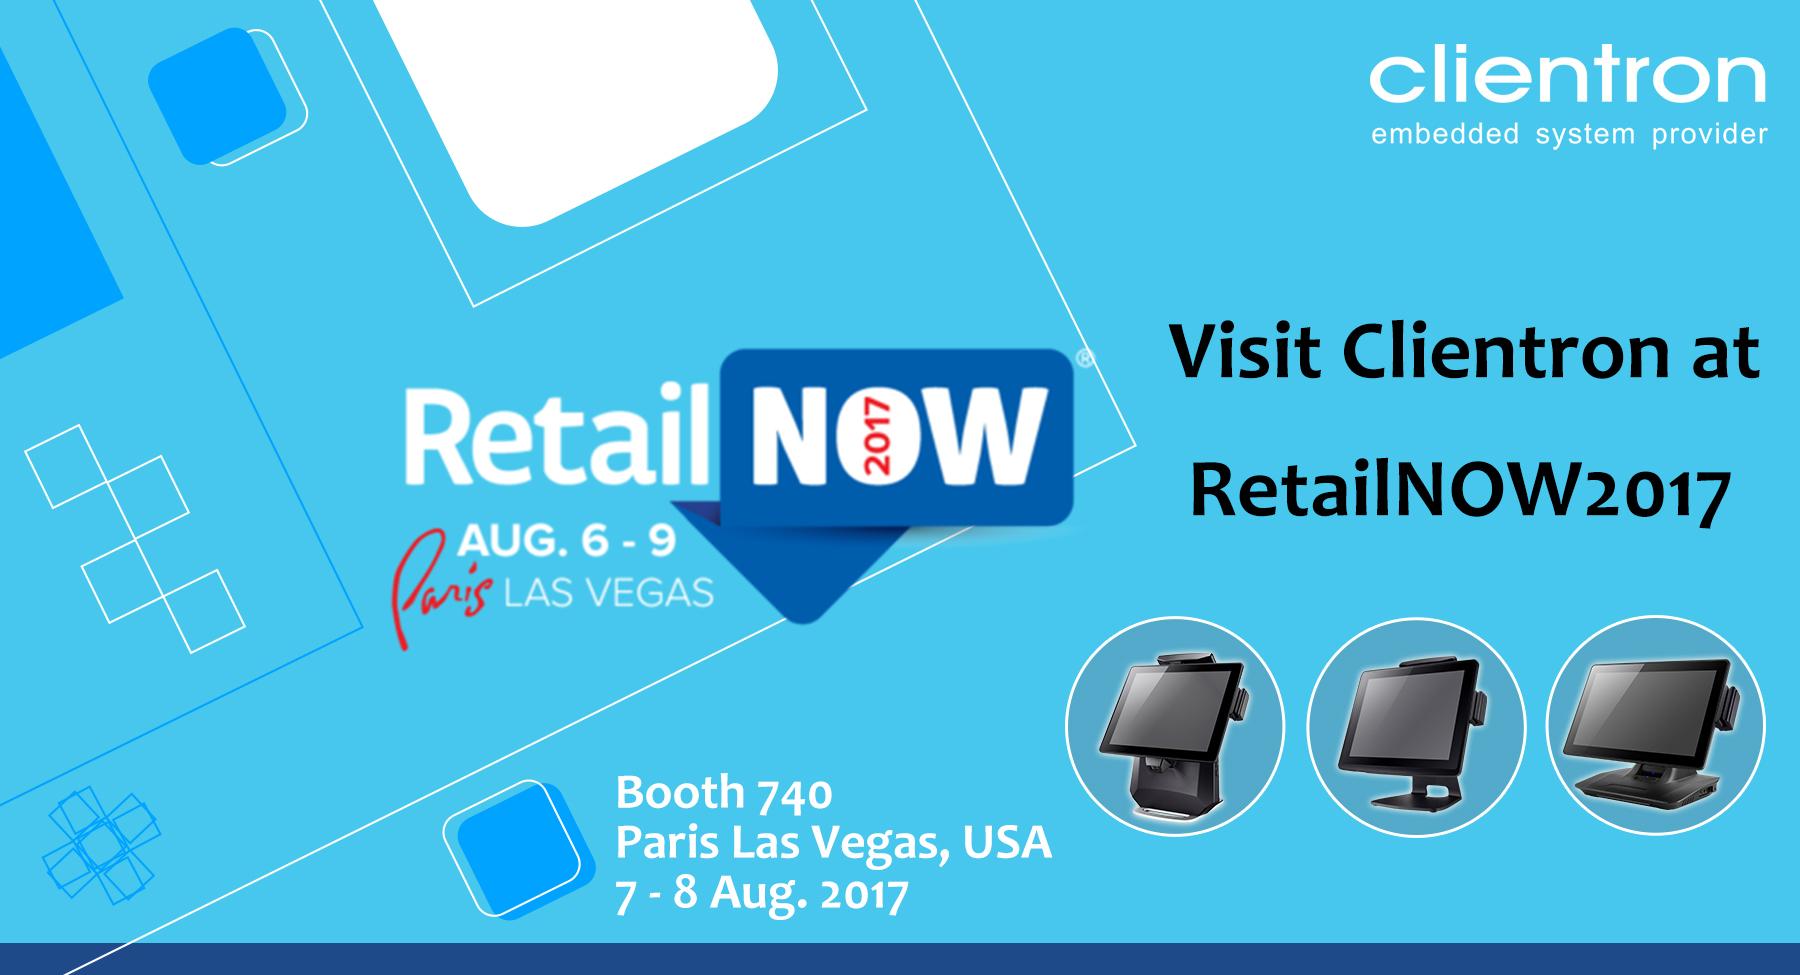 Visit Clientron at RetailNOW 2017